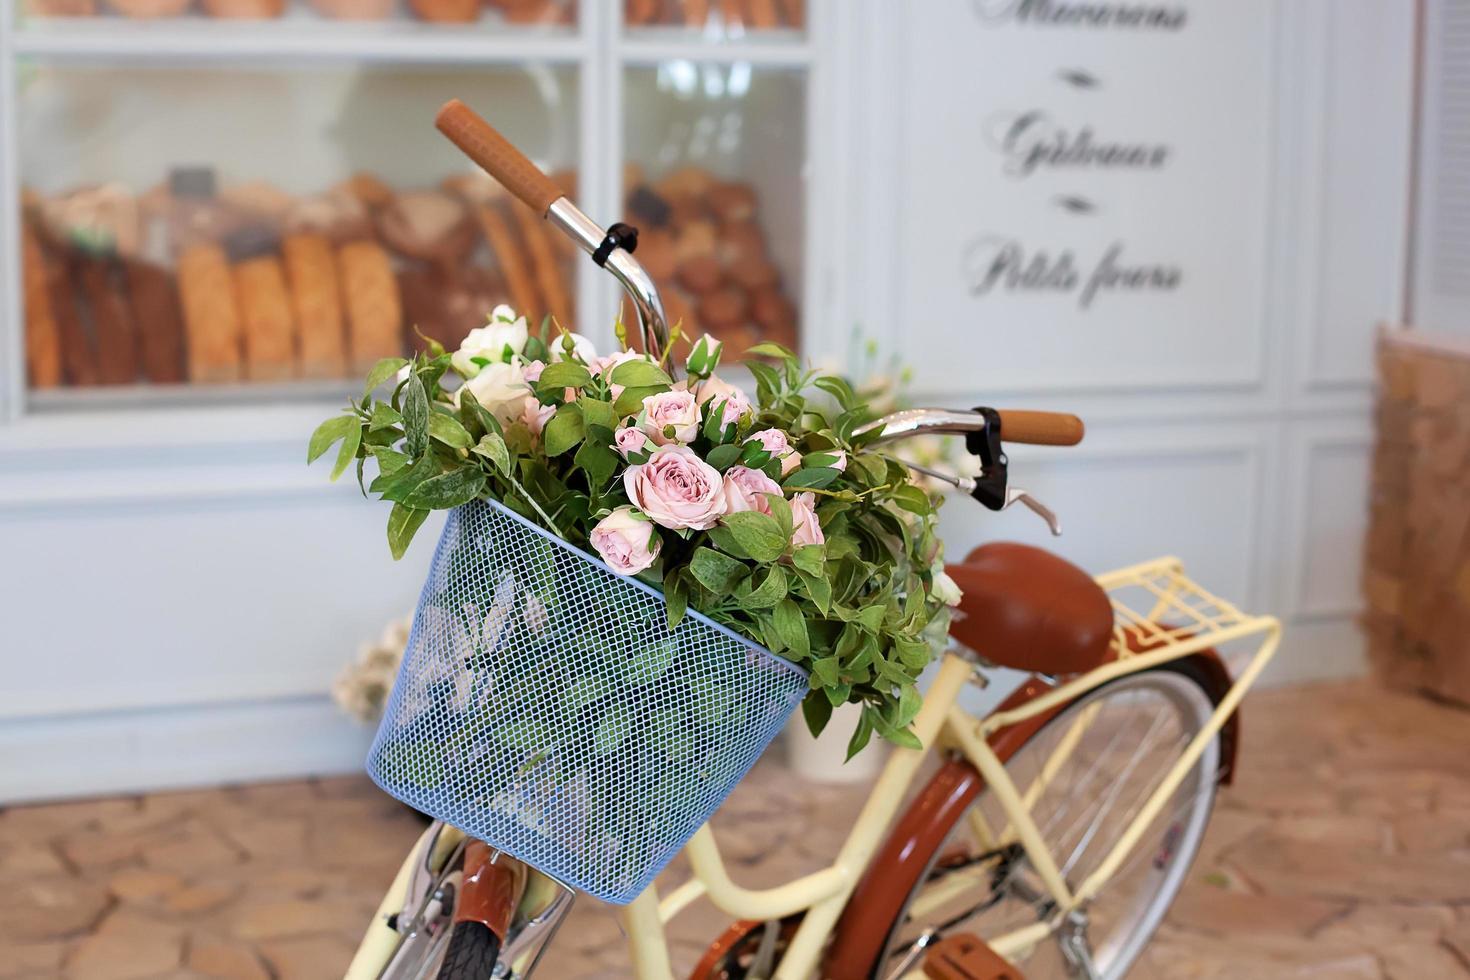 fiets met een vintage rieten mand met rozen foto